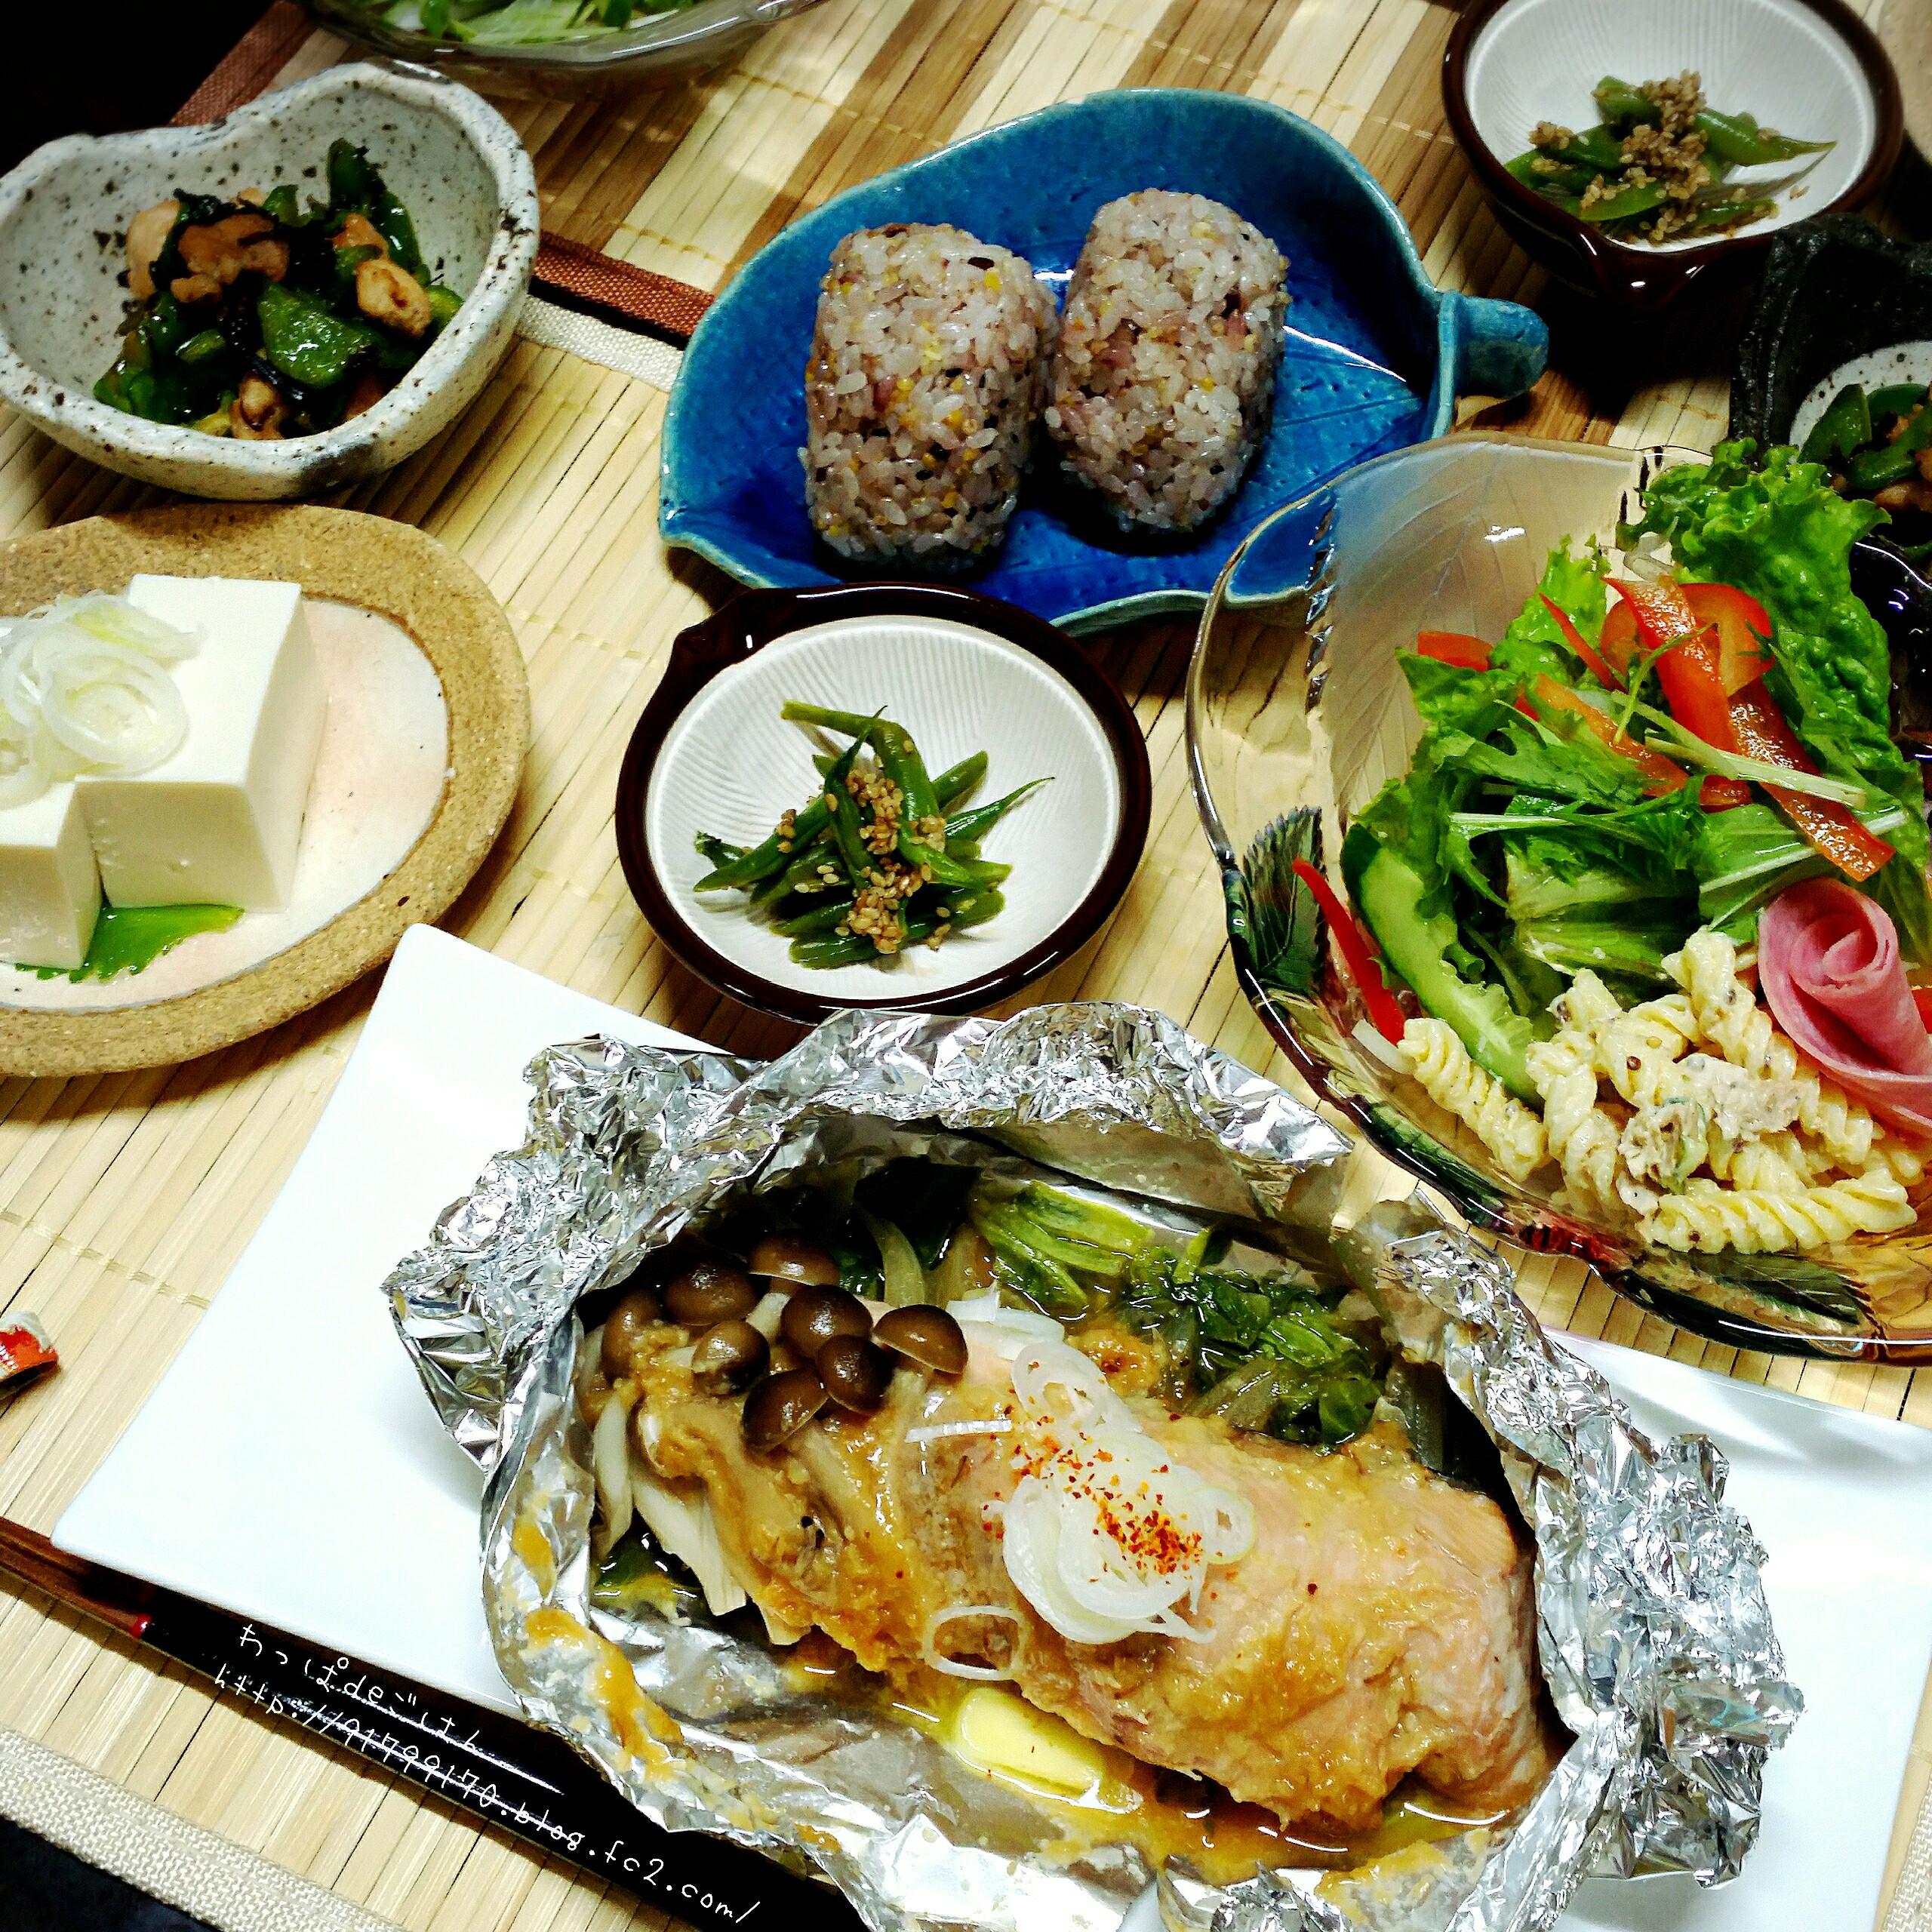 2015/10/3秋鮭のちゃんちゃん焼きの晩ごはん